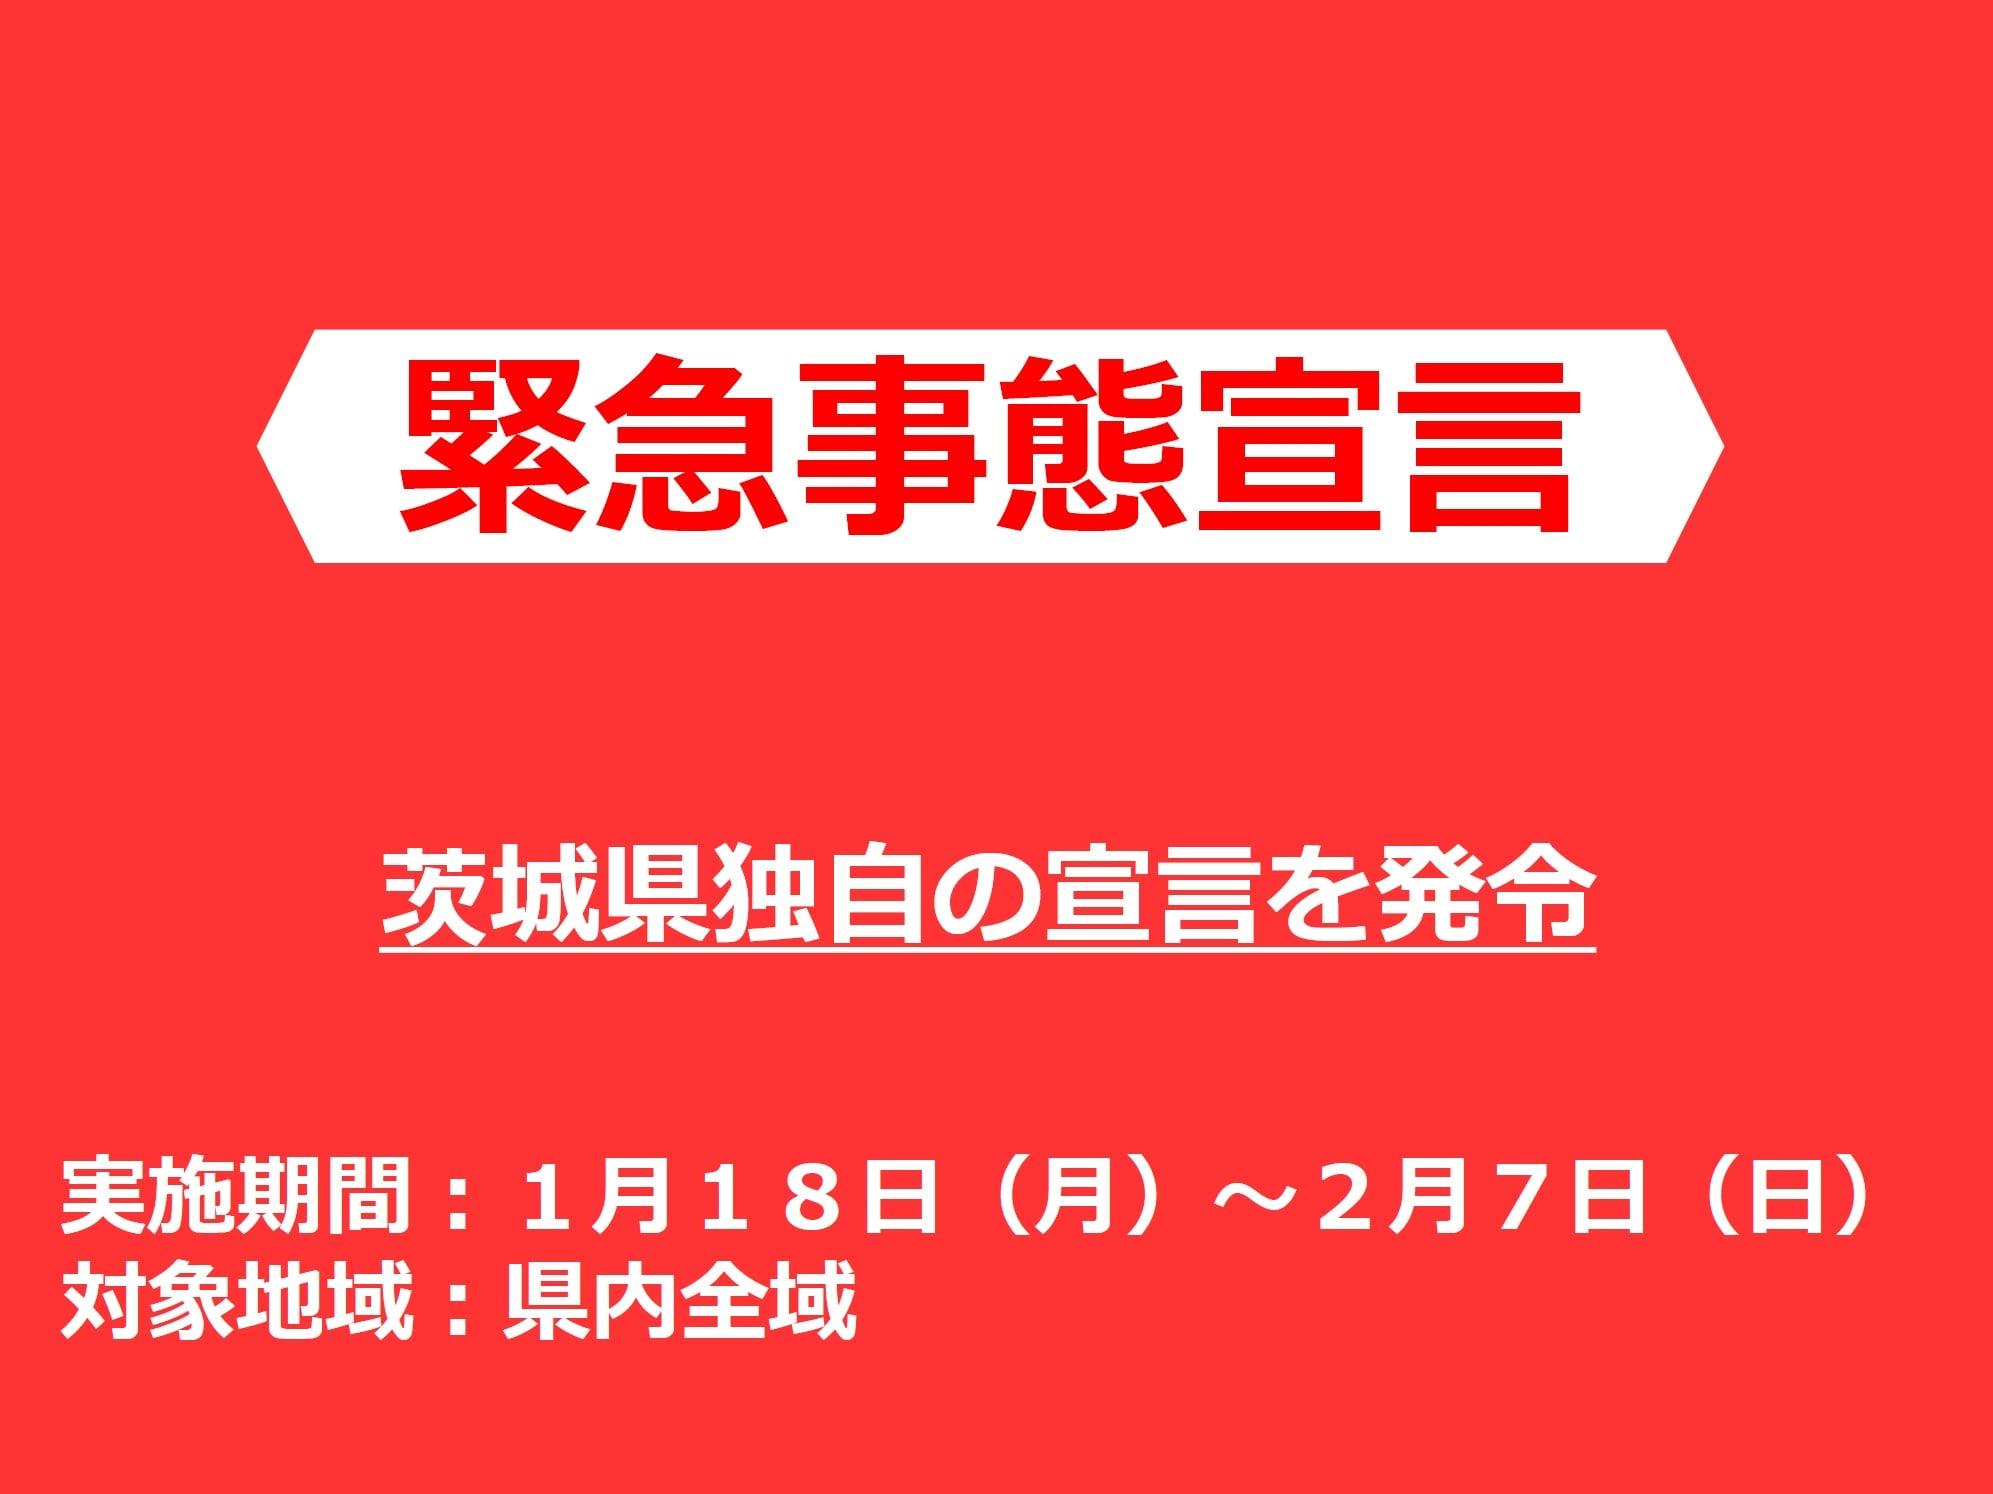 茨城県独自の緊急事態宣言が発令されましたpage-visual 茨城県独自の緊急事態宣言が発令されましたビジュアル